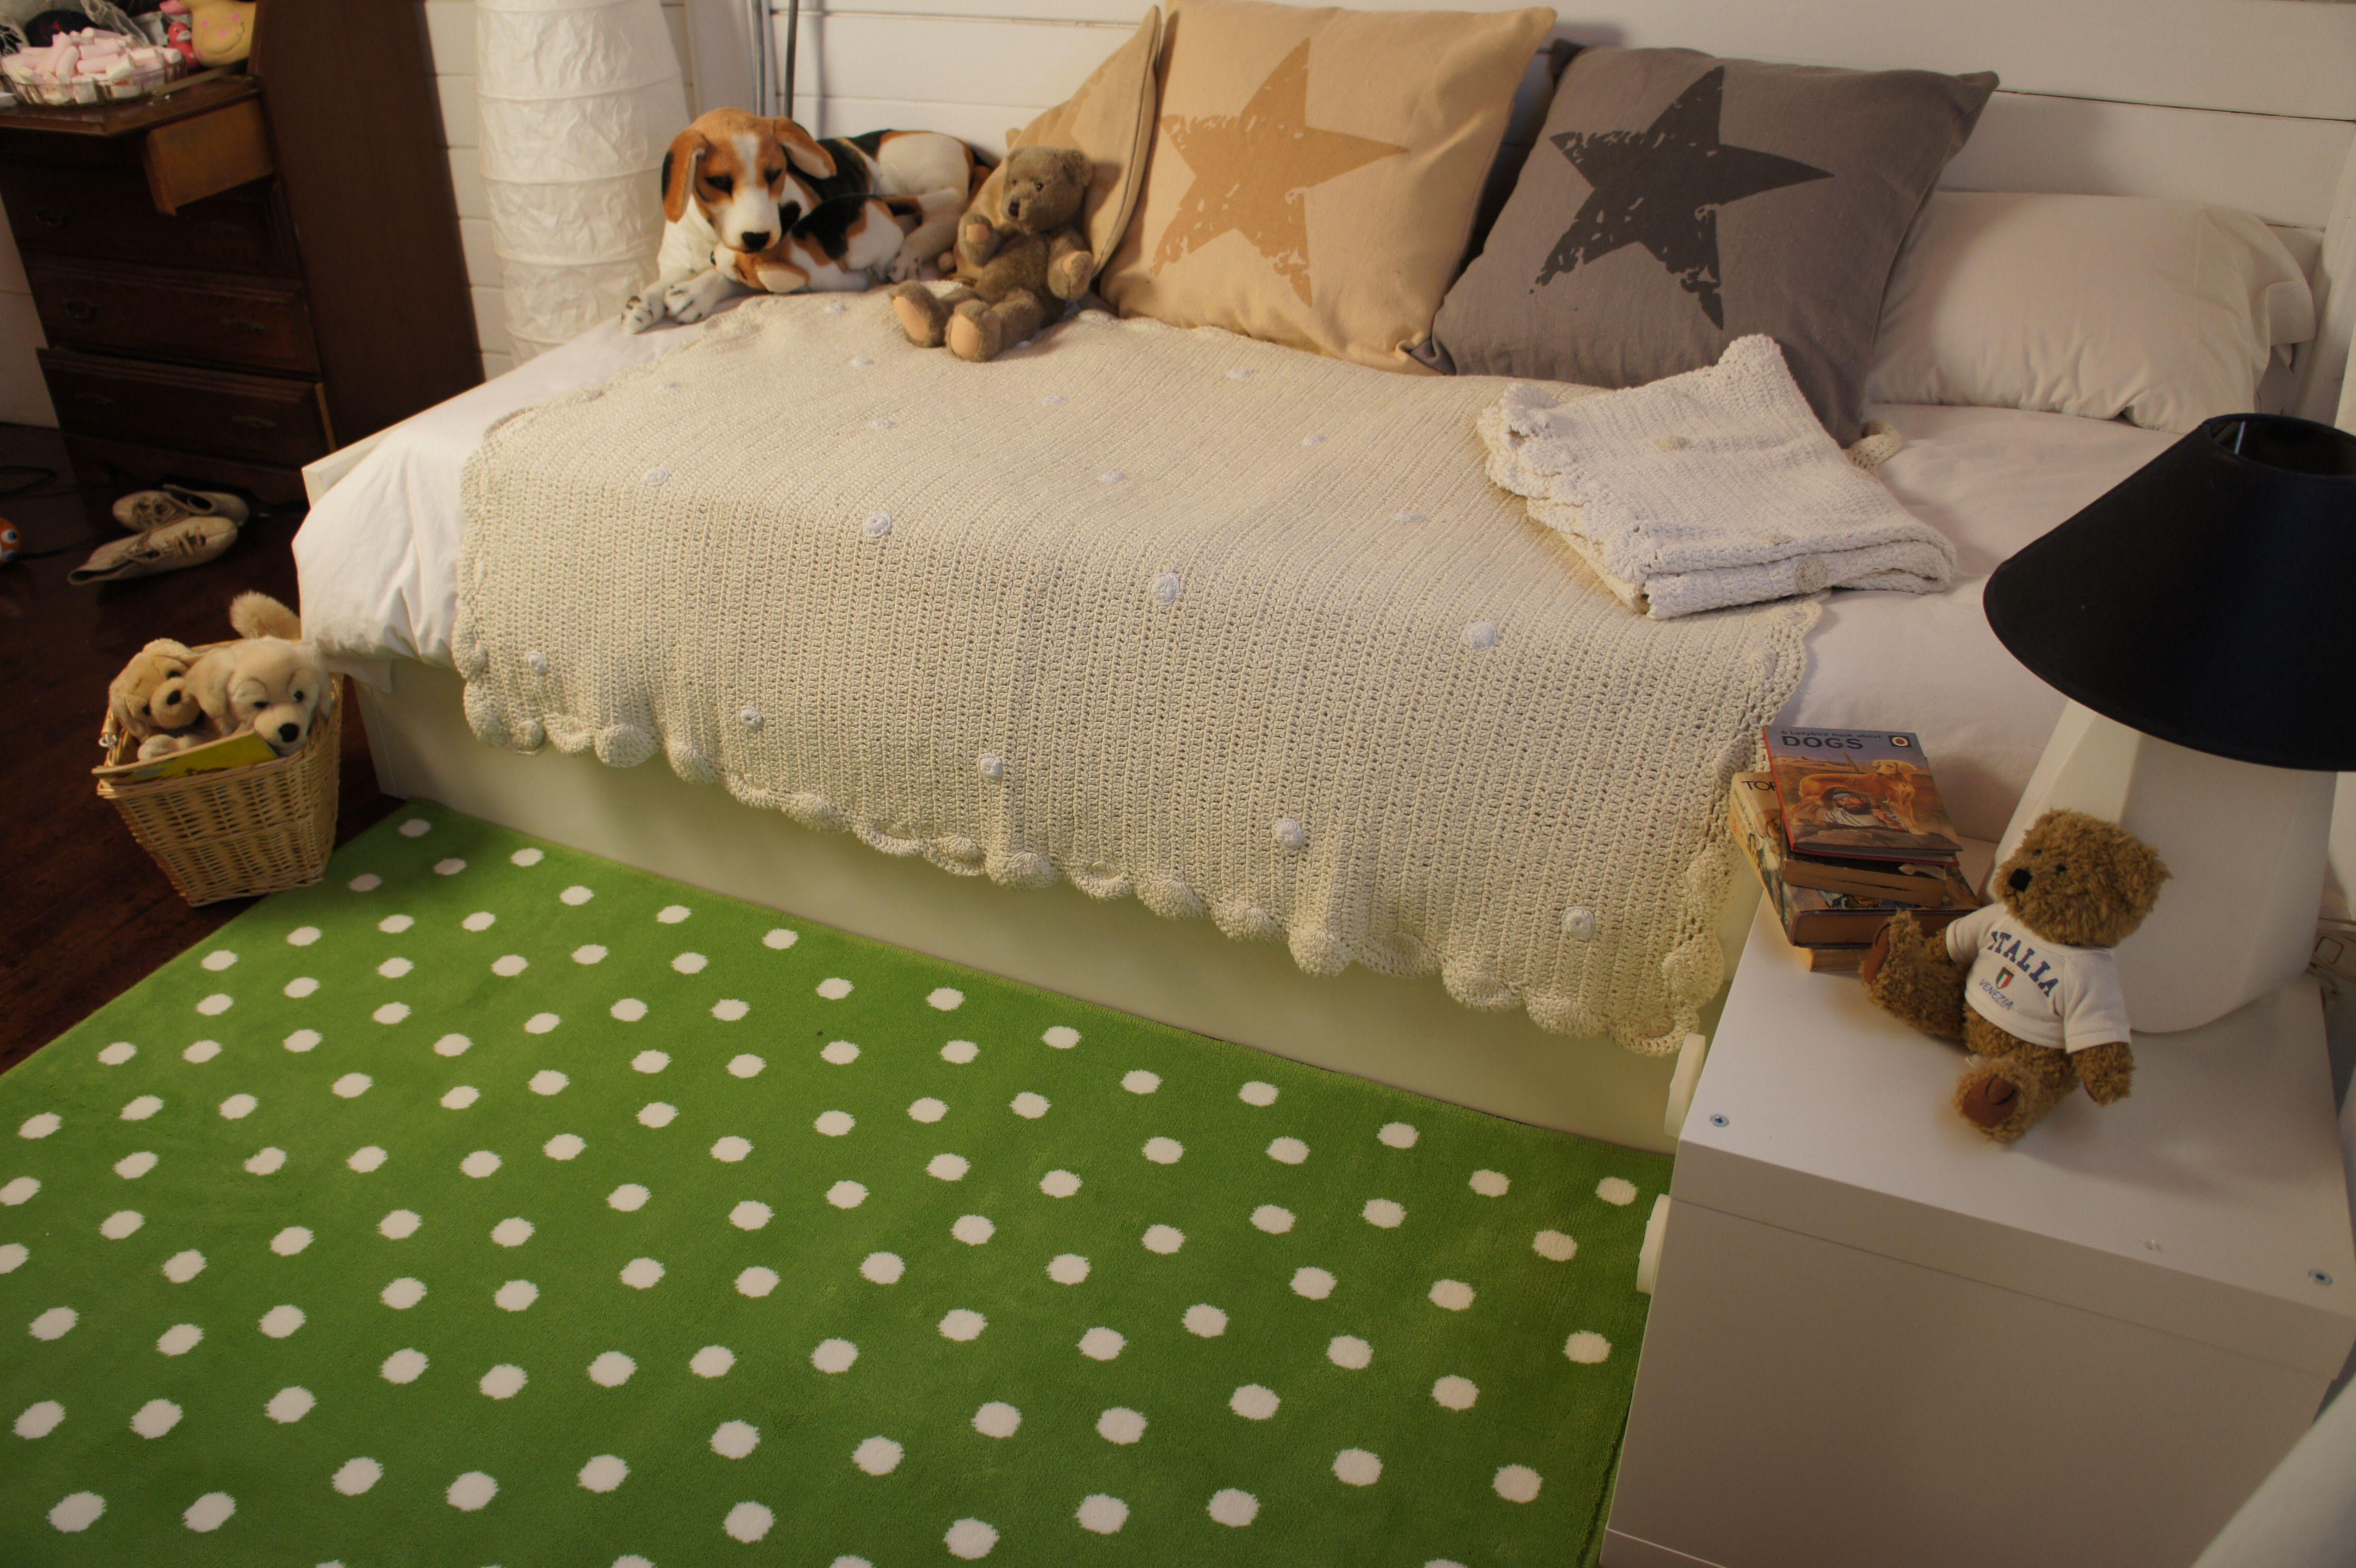 alfombra acrílica topos verde, descúbrela en nuestra web! www